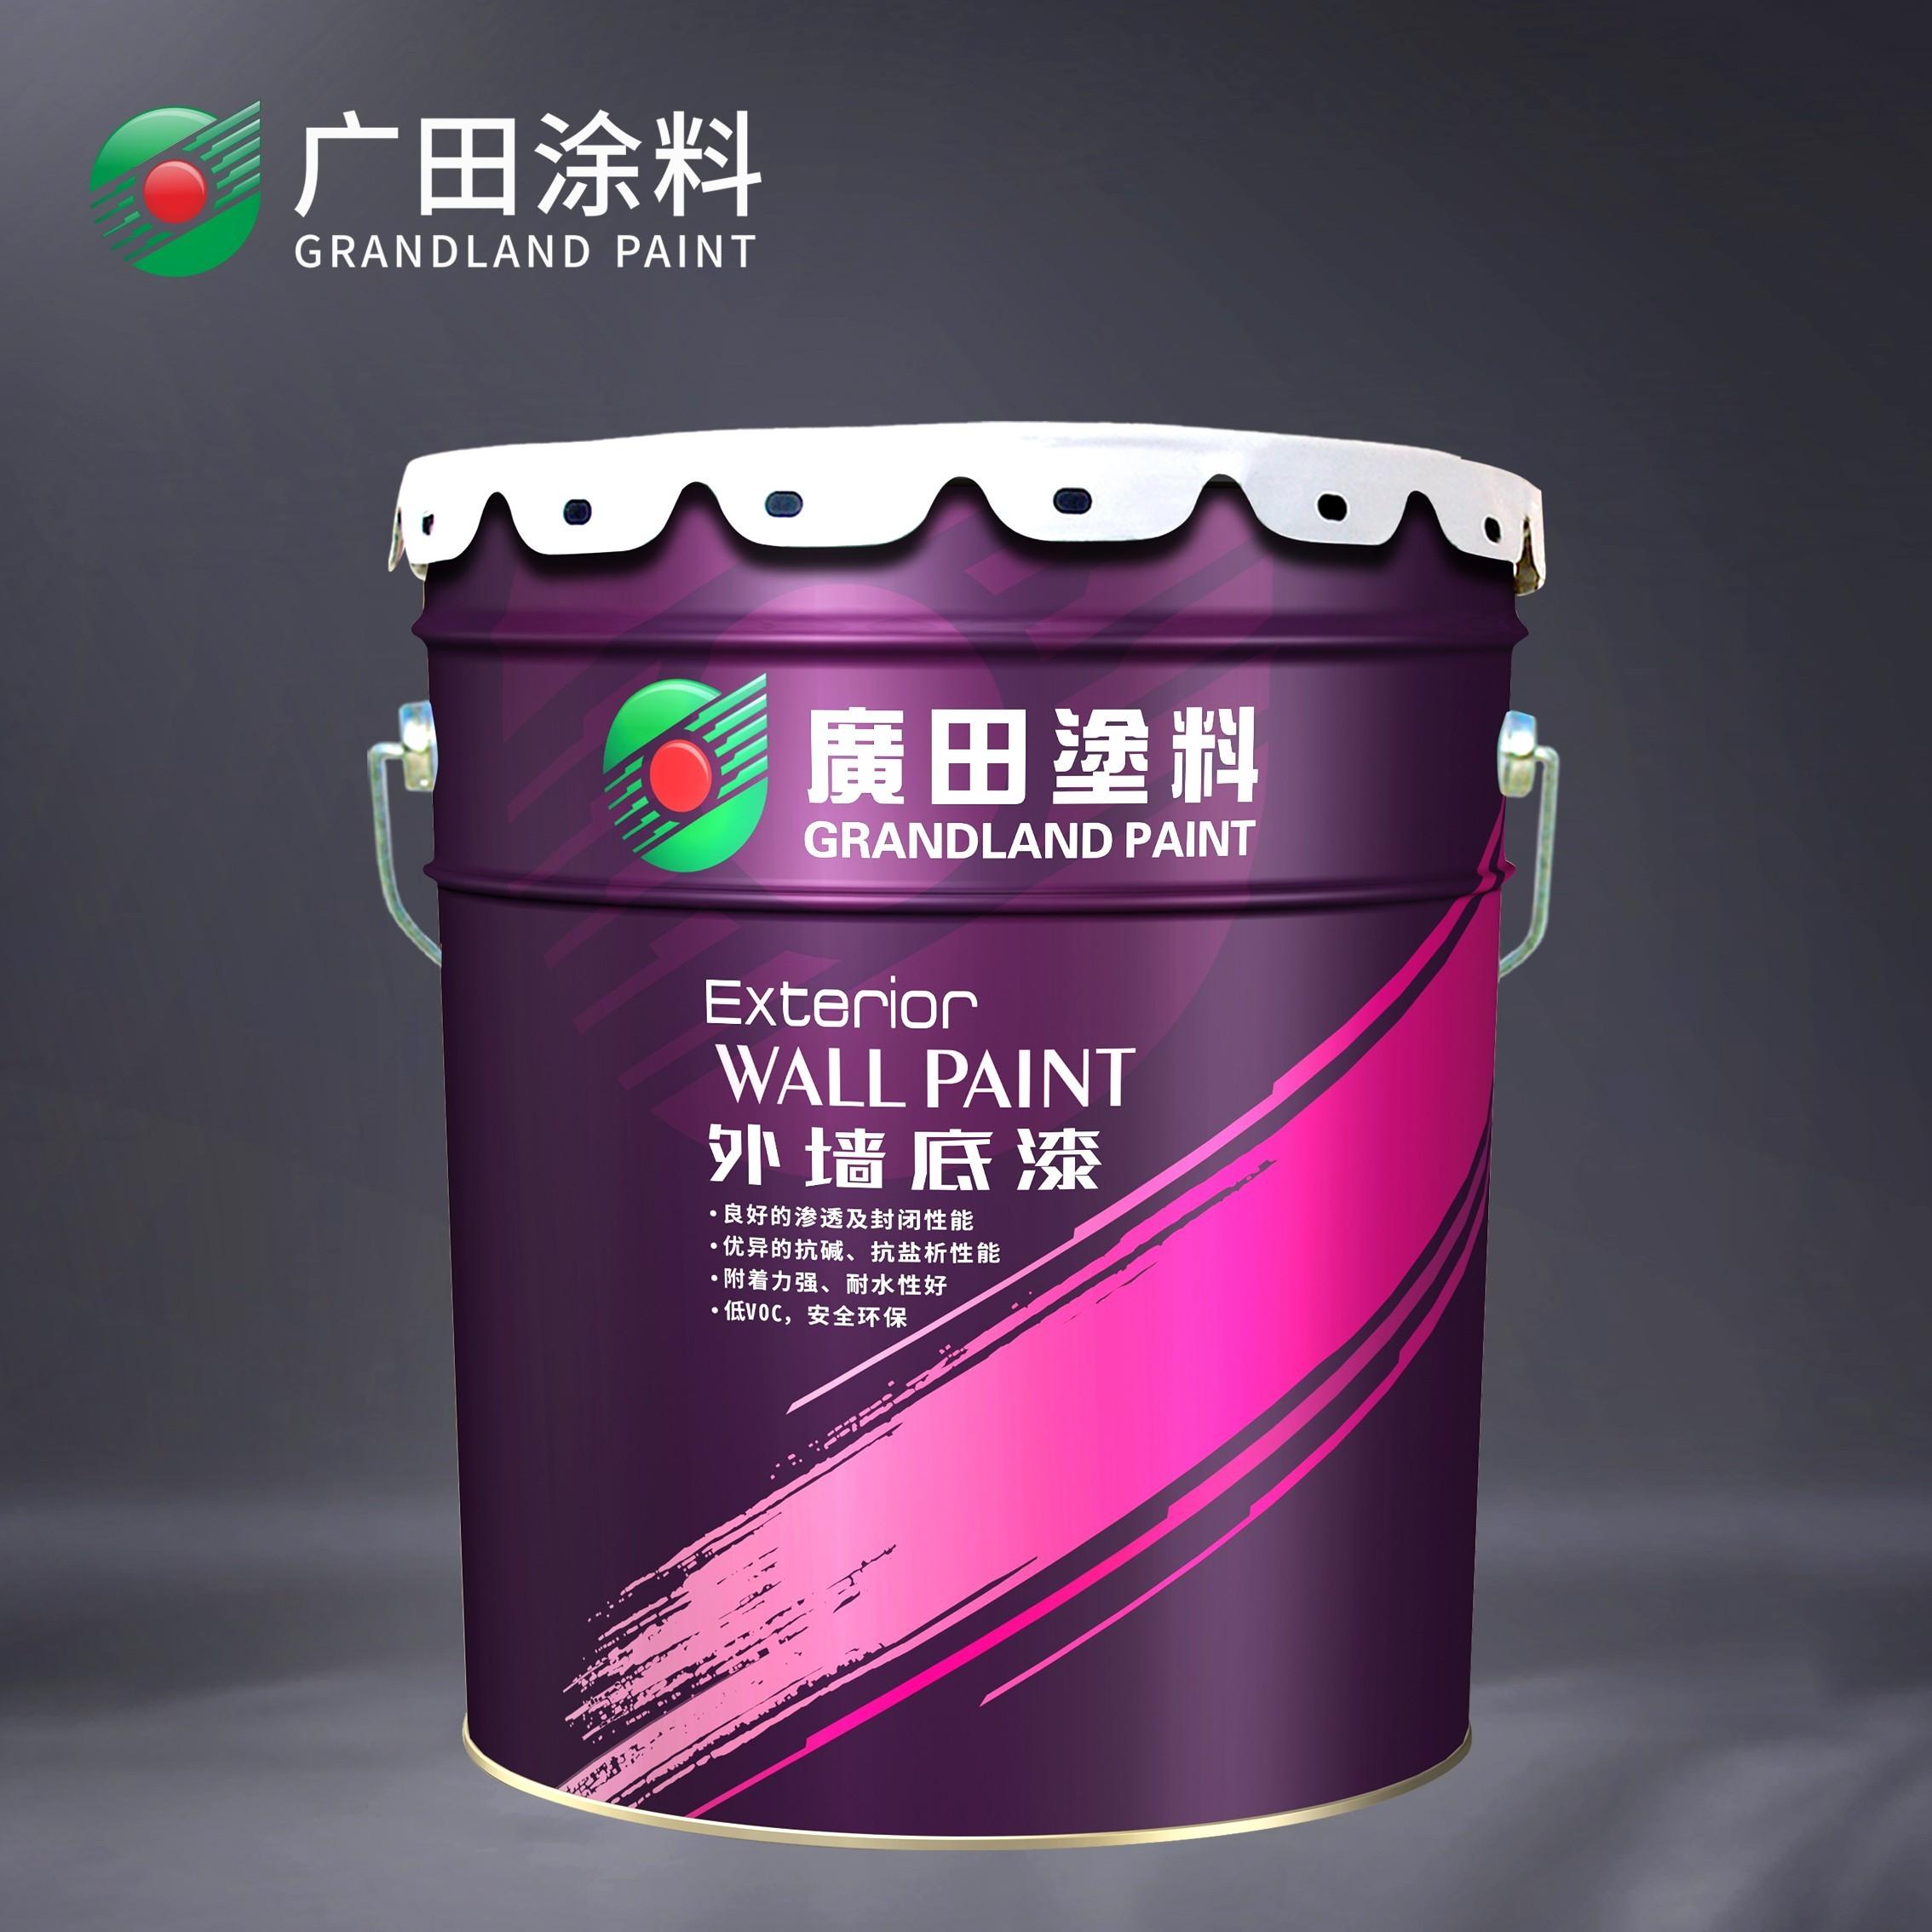 弹性平涂外墙底漆